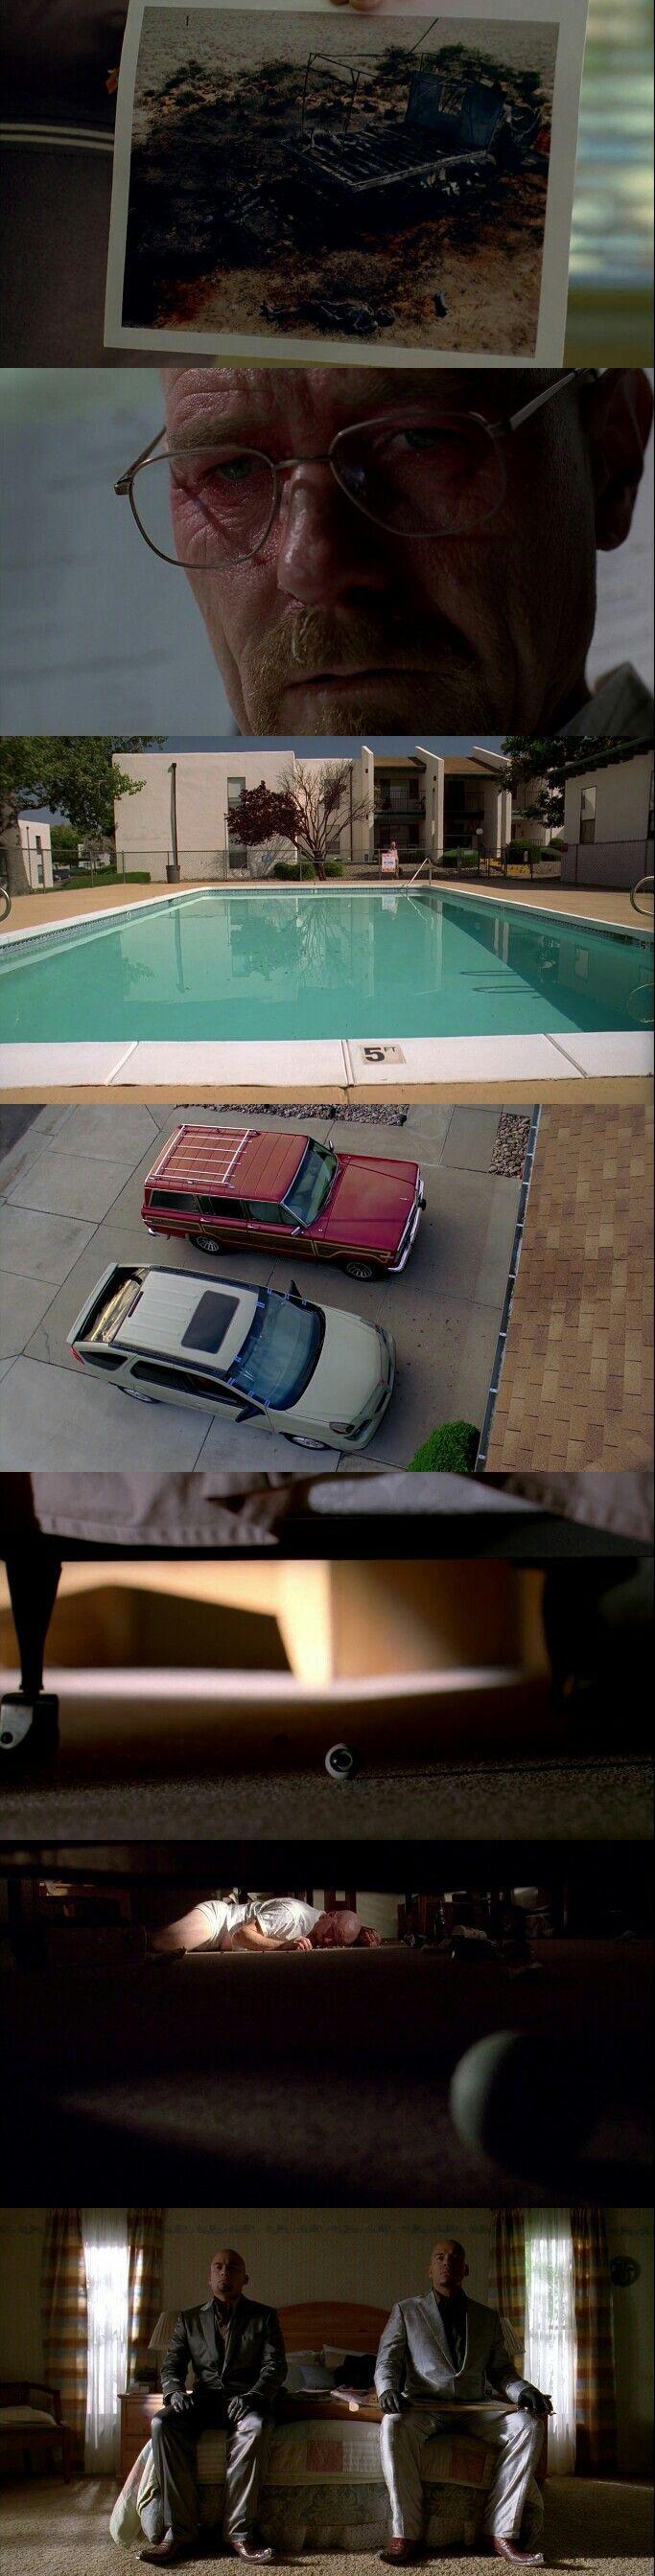 Breaking Bad Season 3 Episode 2 : Caballo Sin Nombre.